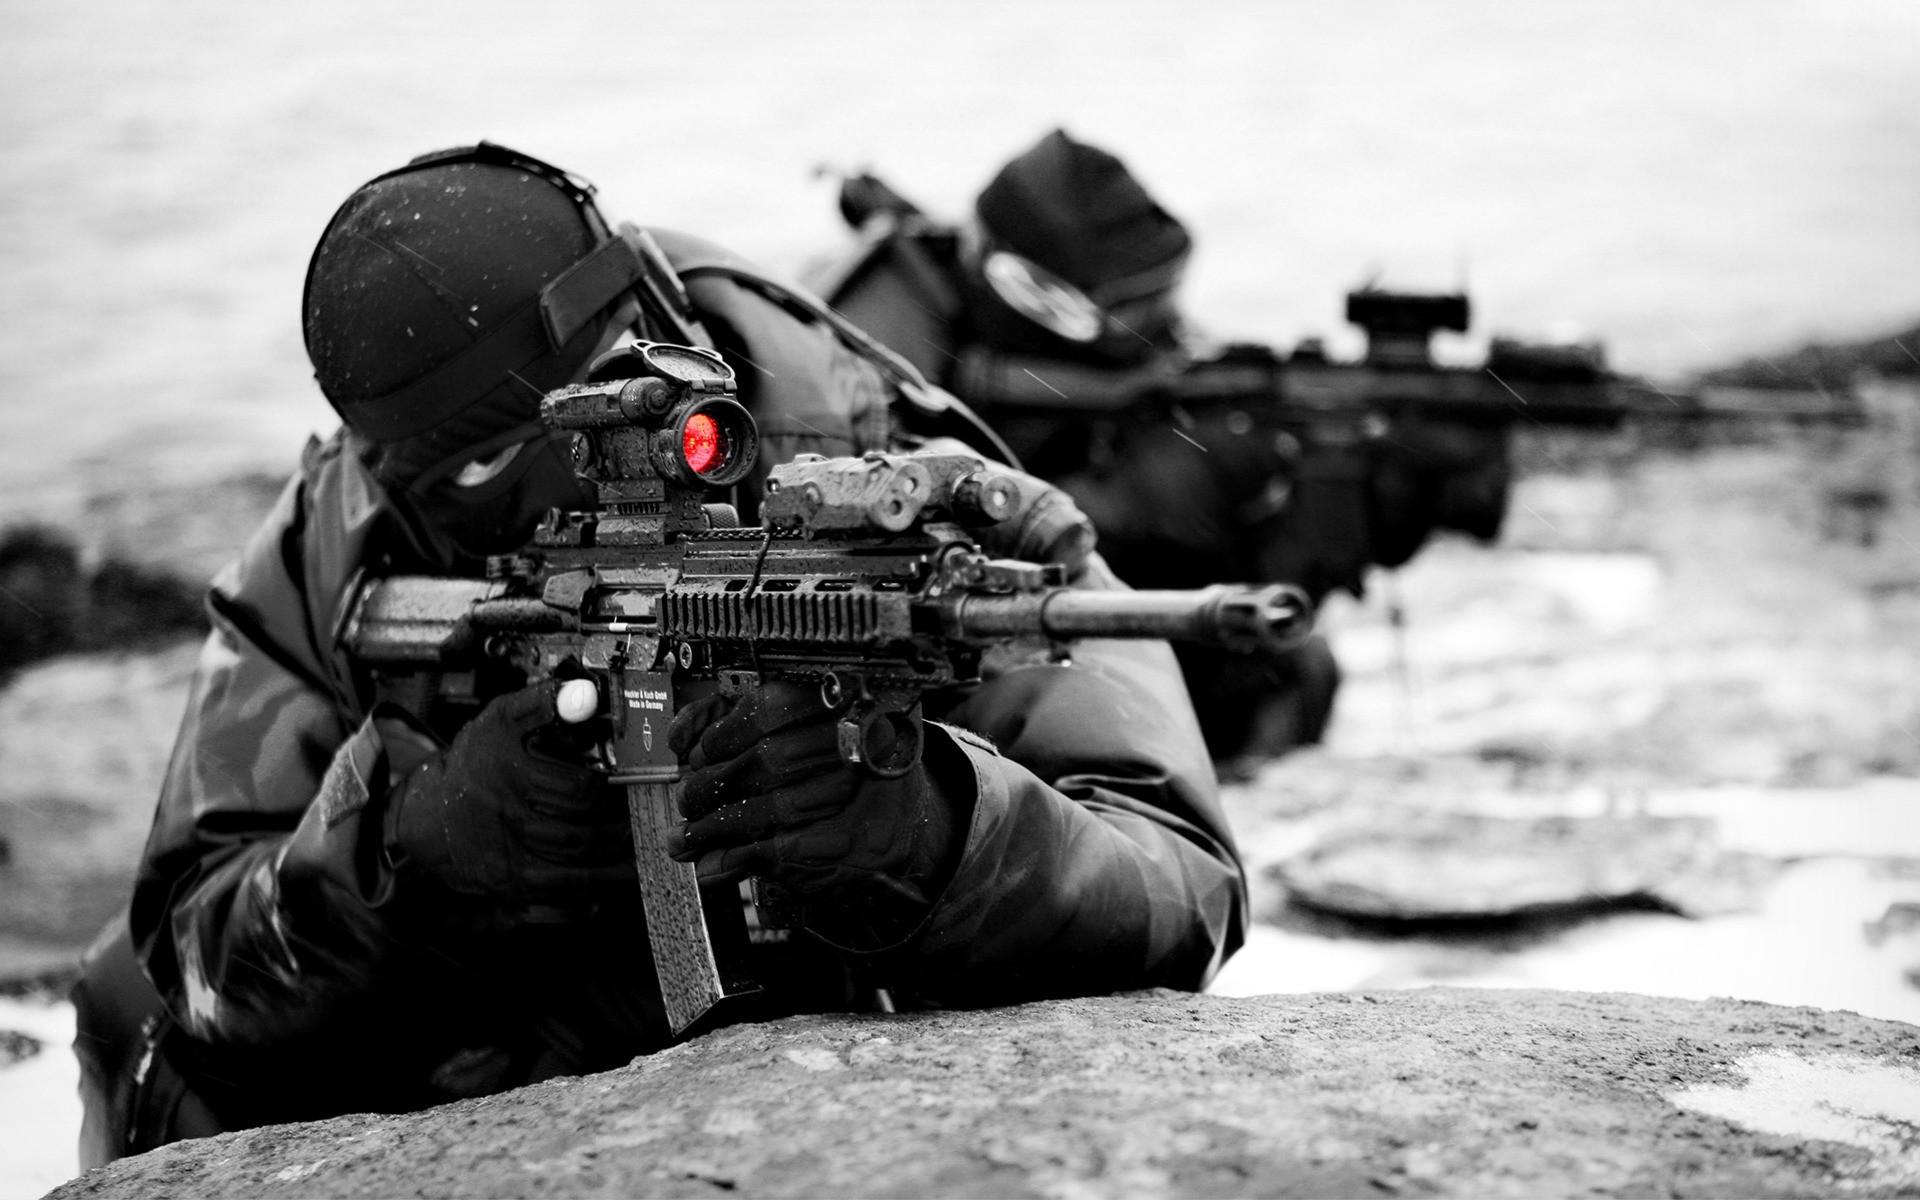 خلفيات عسكرية (عالية الجودة) جديد